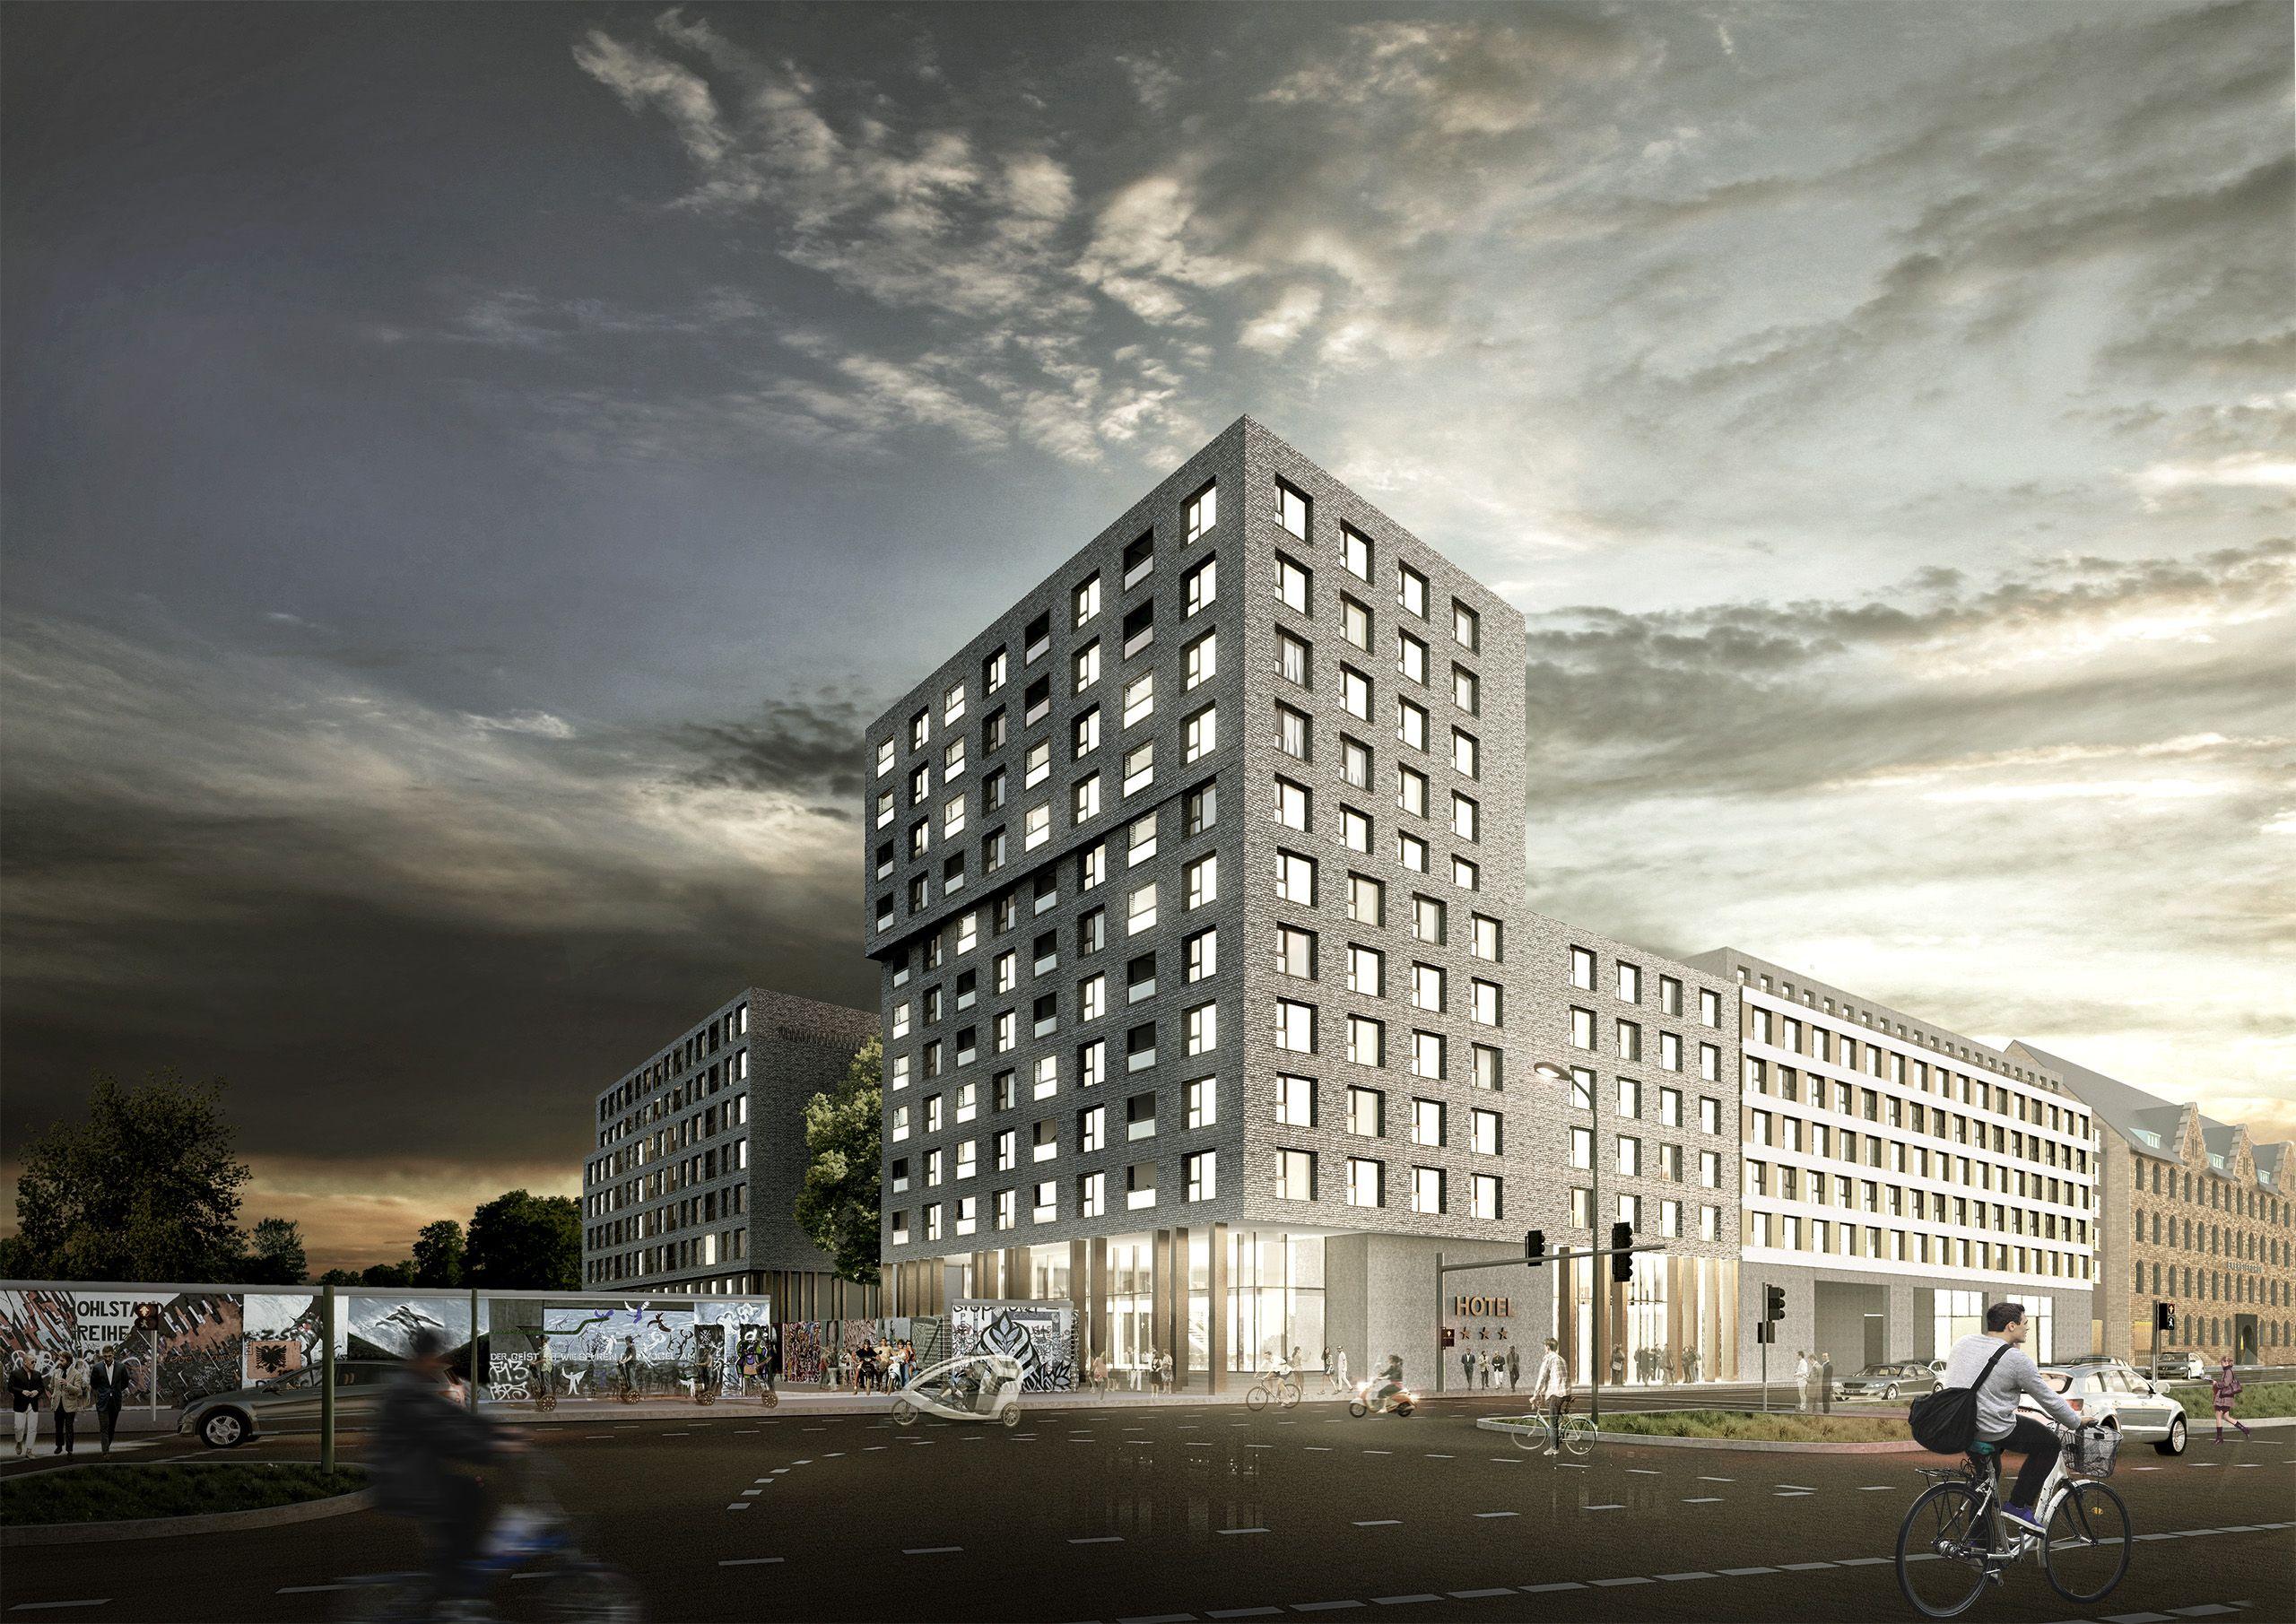 Architekturvisualisierung Berlin wettbewerb berlin yaam hotel mixed use stralauerplatz